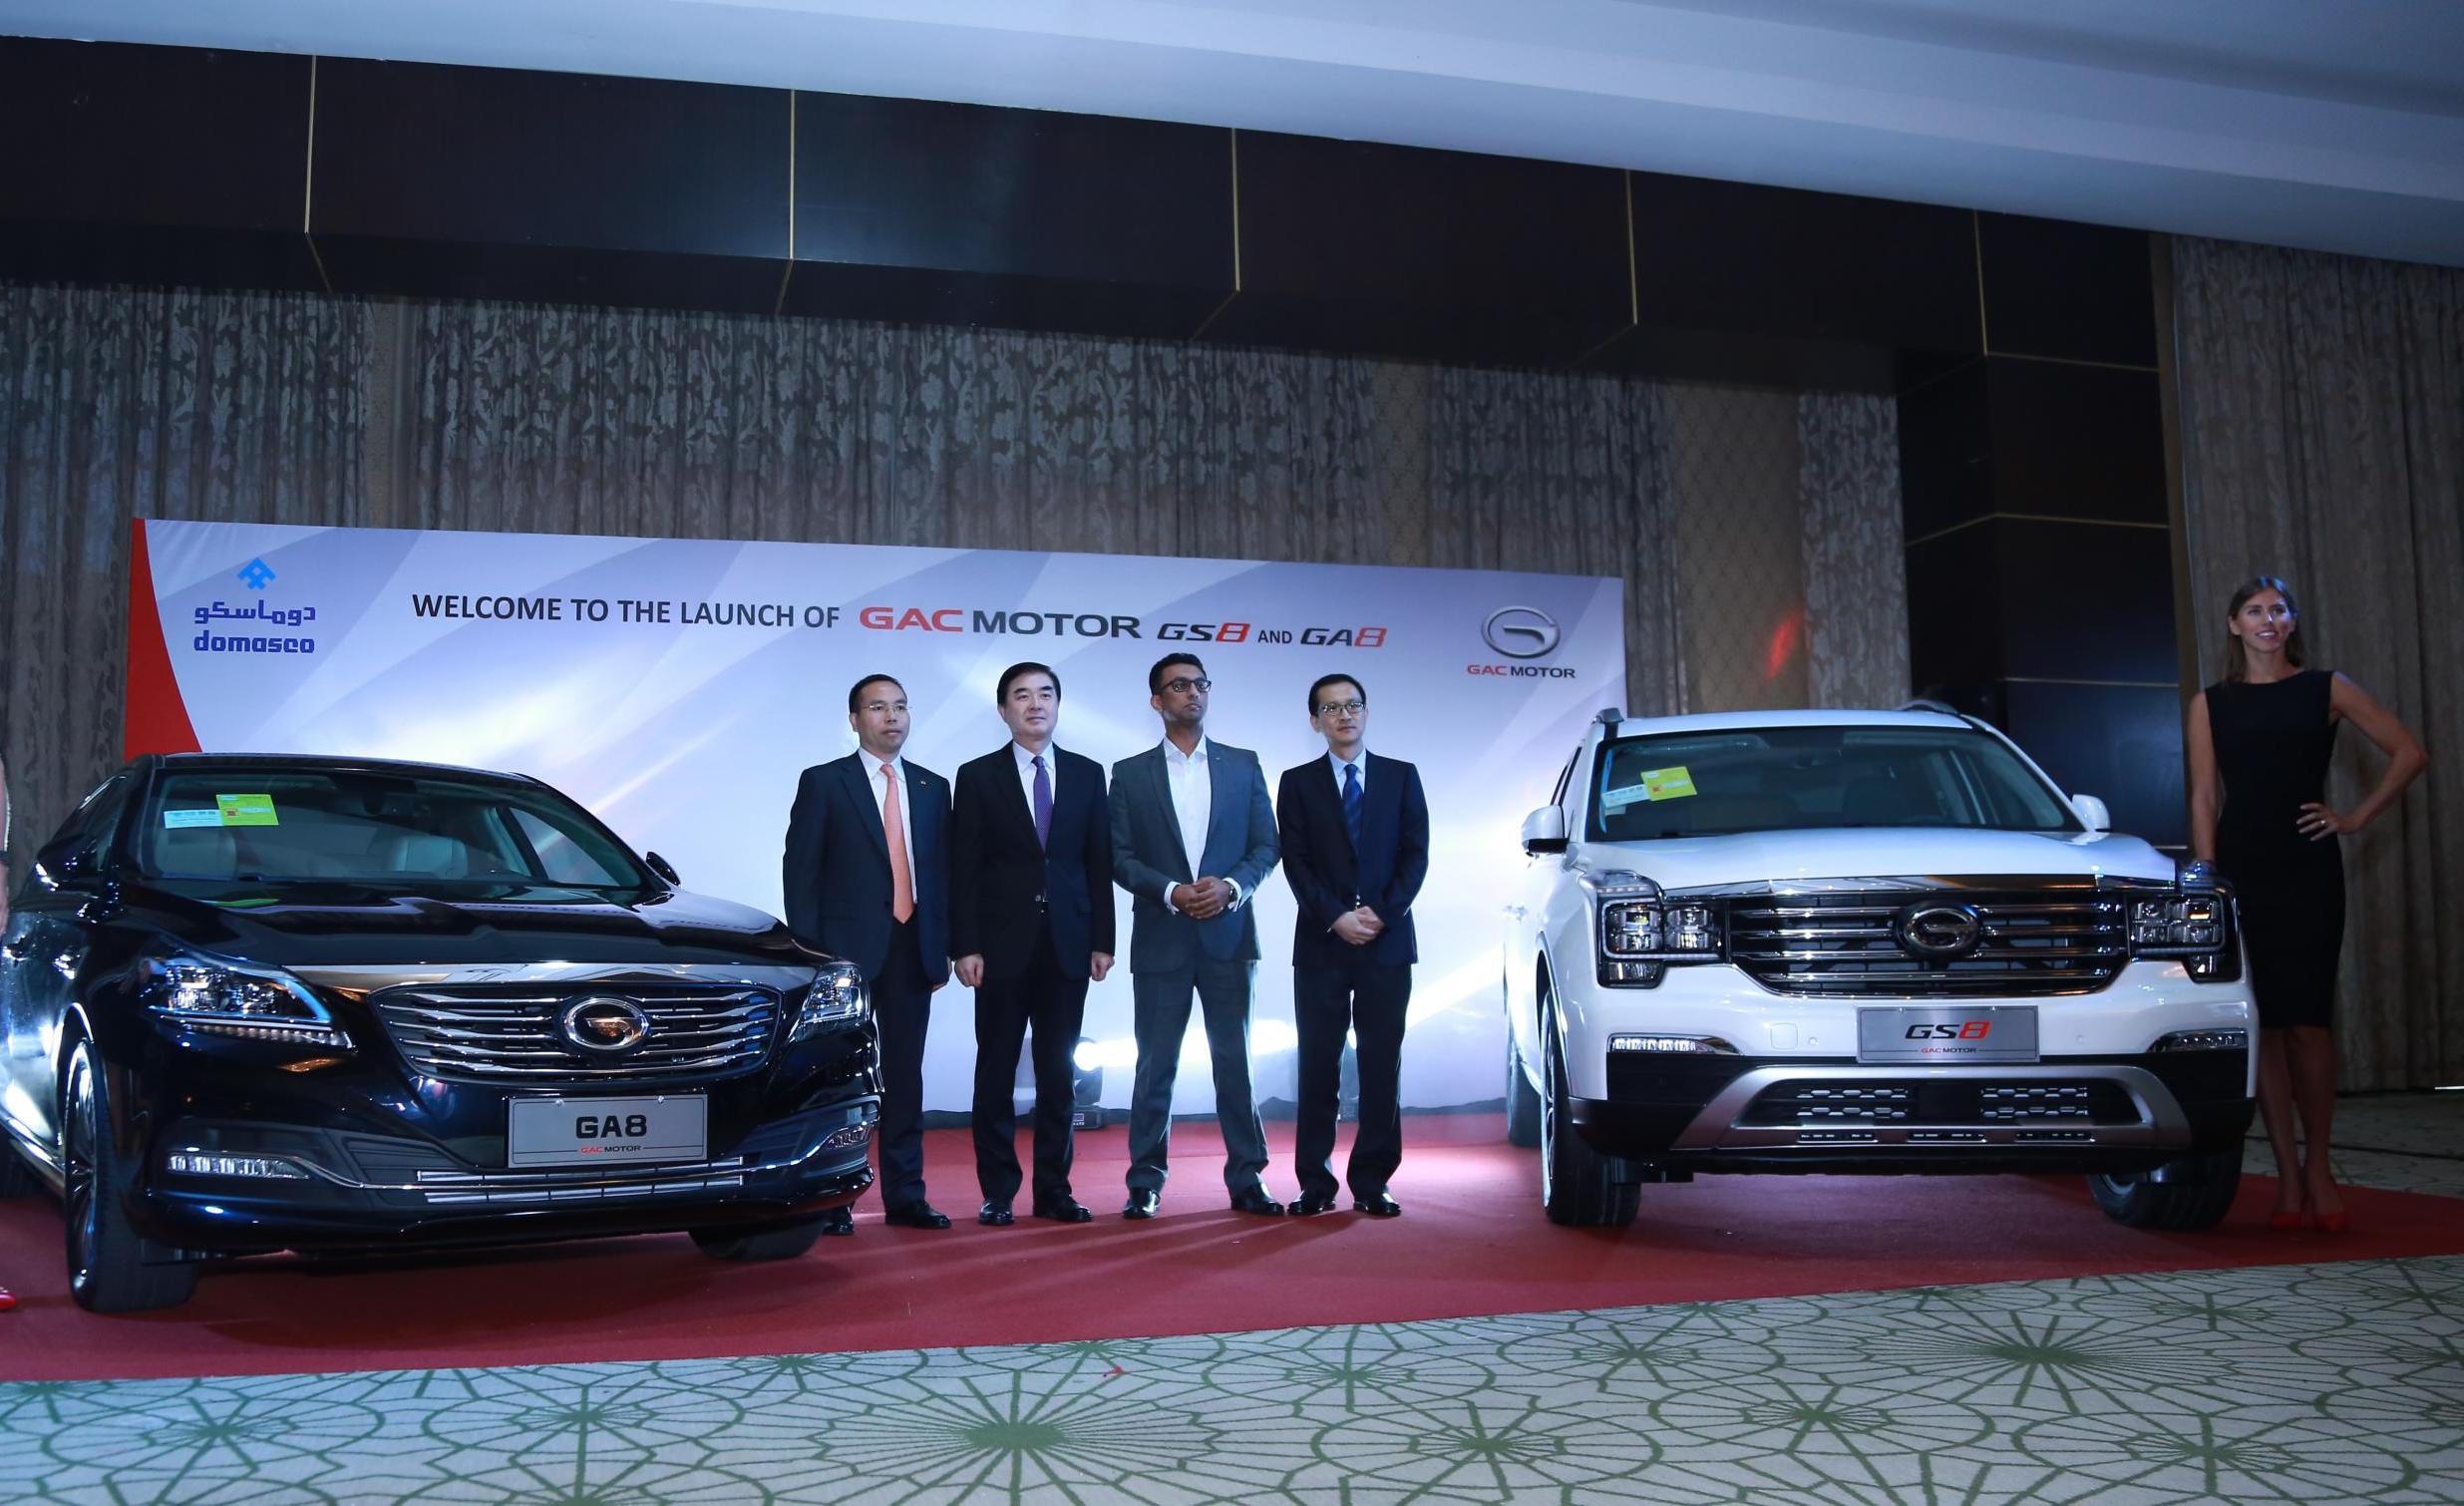 تعرف على السيارة الصينية الأسرع انتشارا في قطر